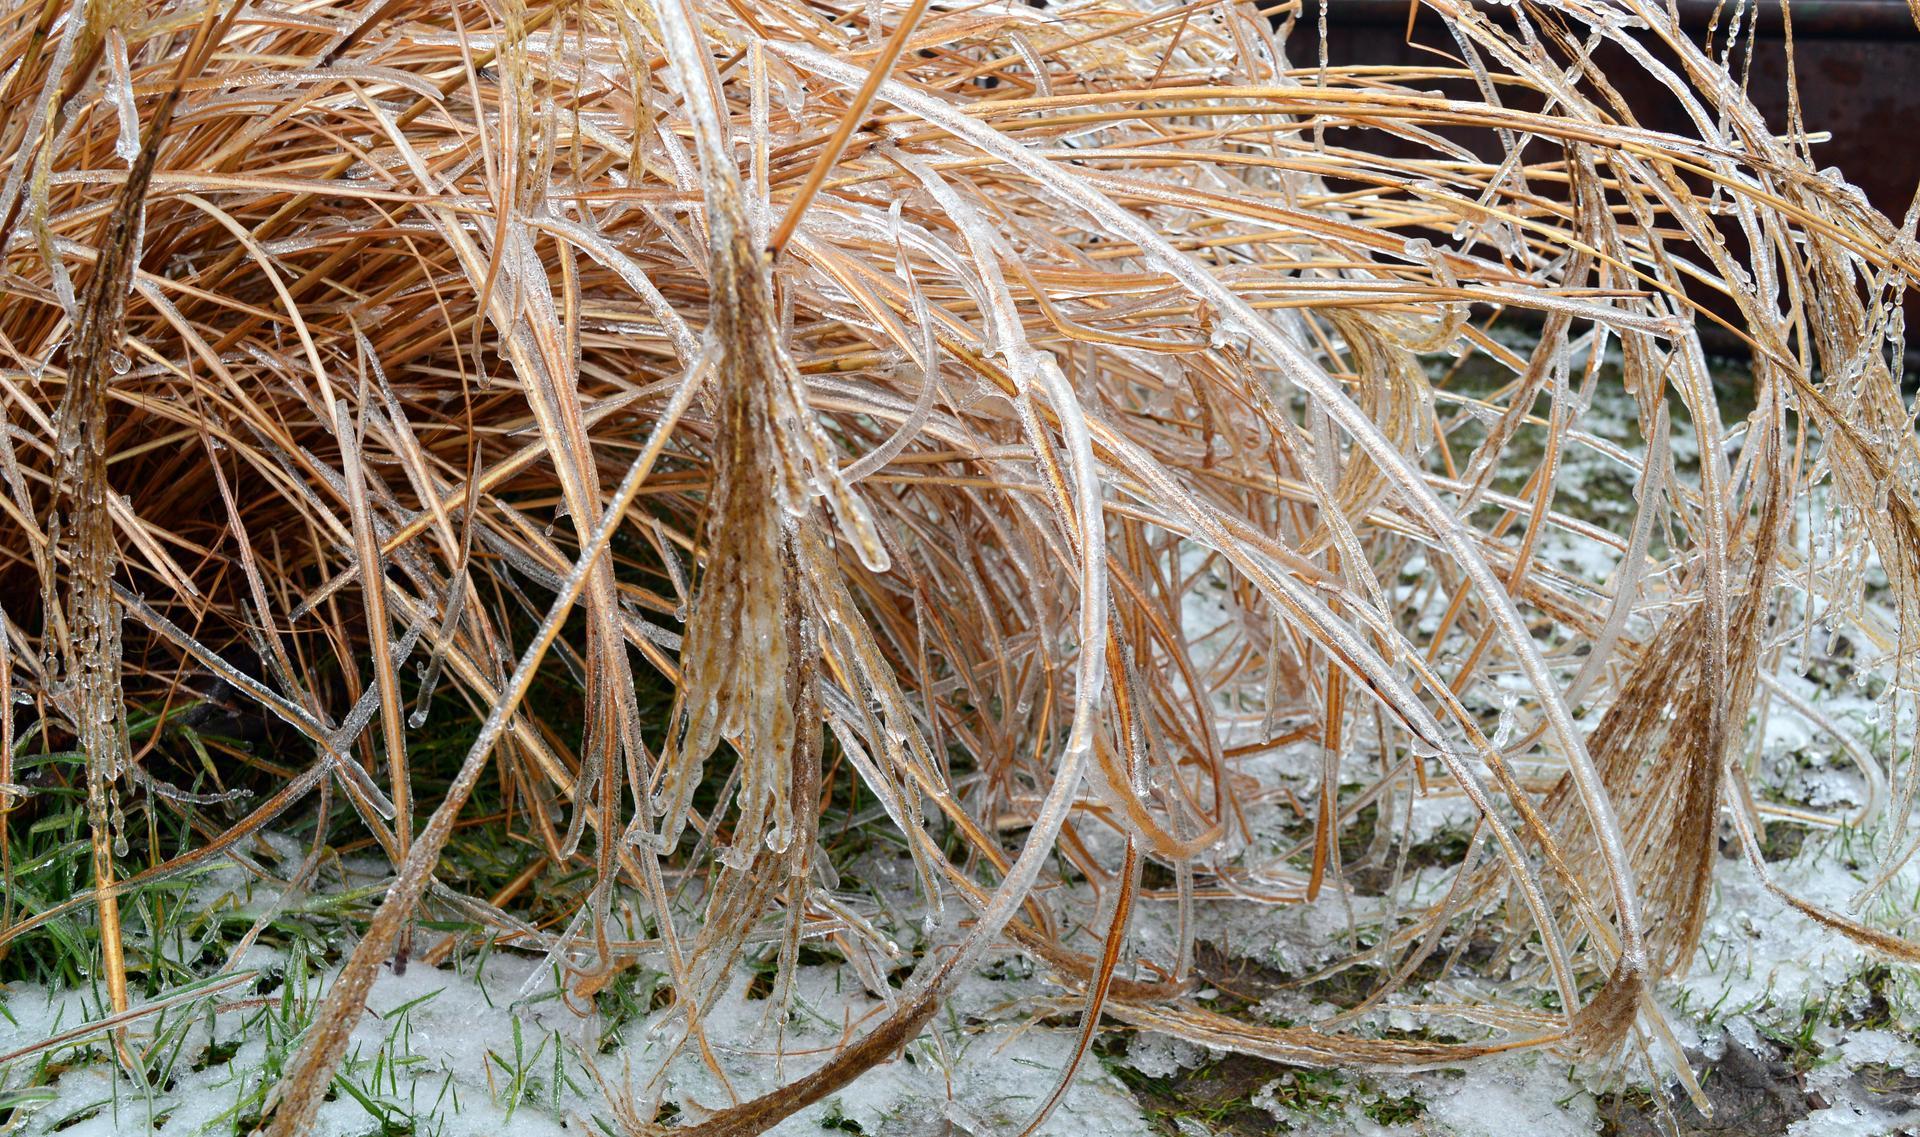 Naša prírodná perma záhradka v roku 2021 - 2/2021 - trávy neviažeme, vyzeralo to super